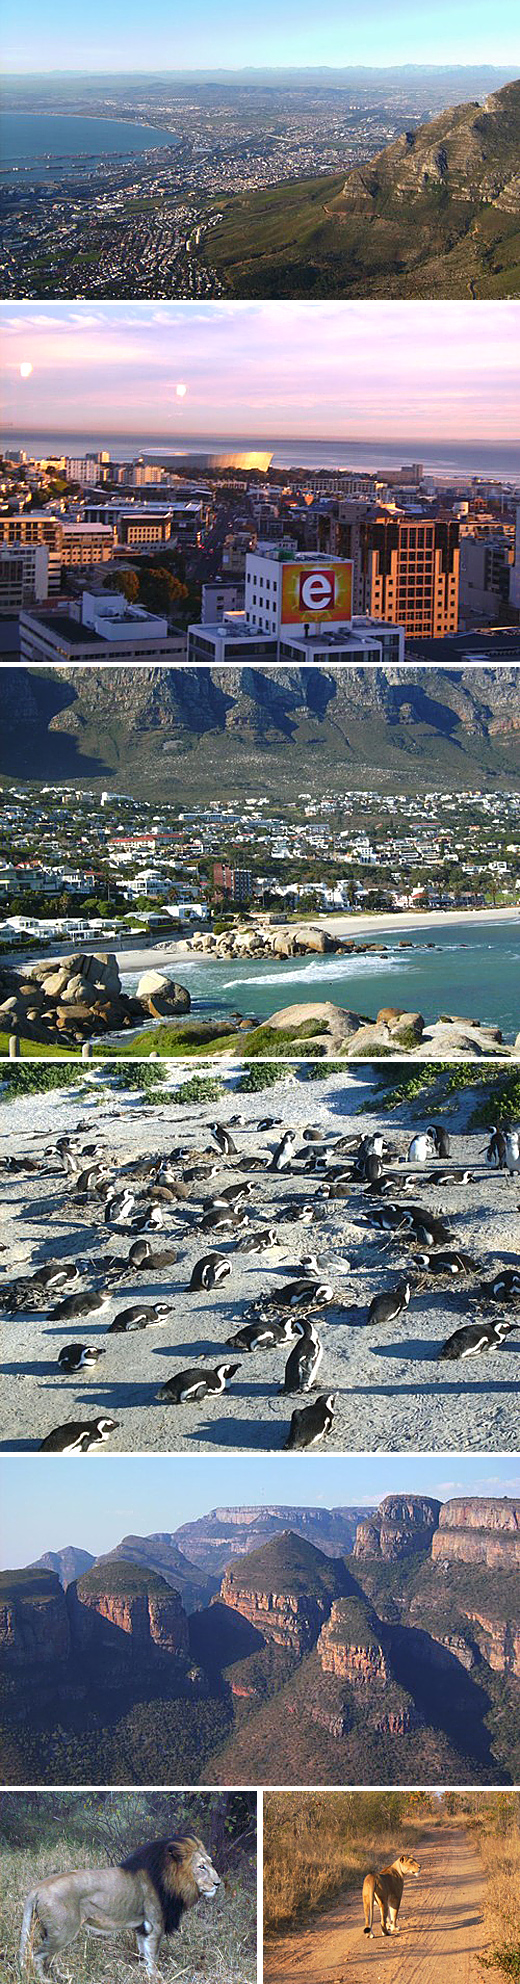 Die ganze Welt in einem Land: Das ist Südafrika.